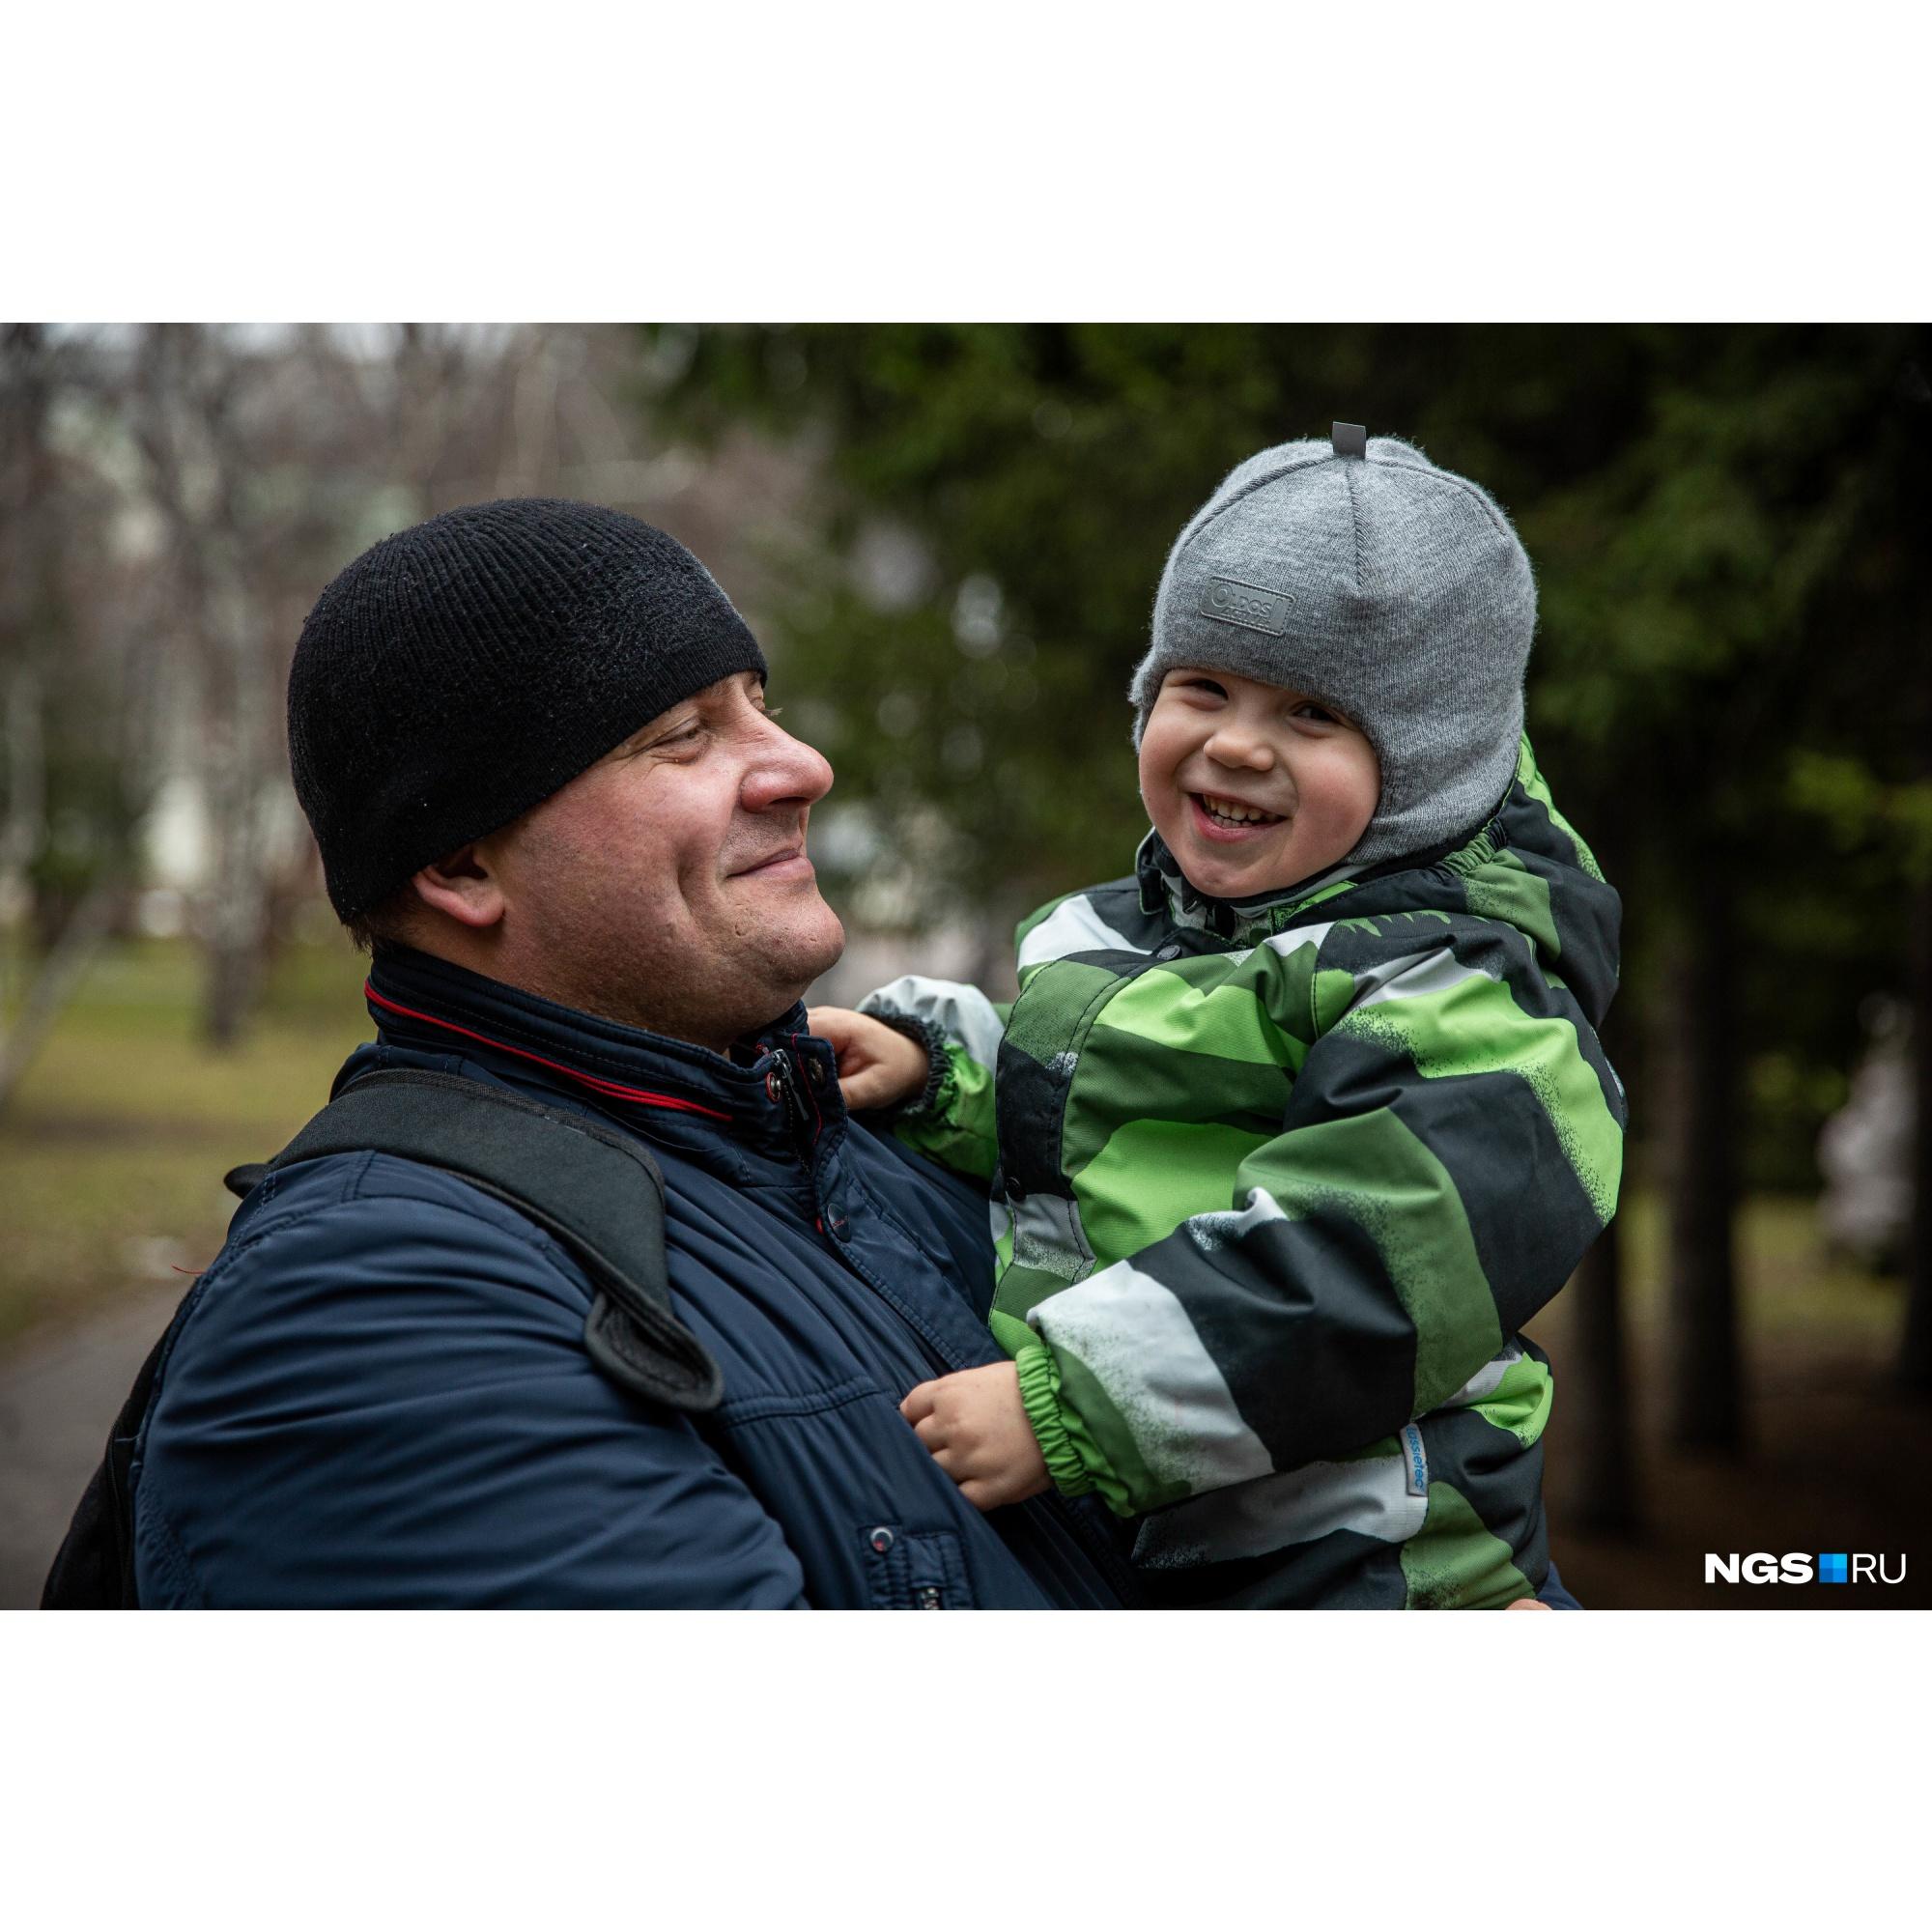 Юрий радуется дням, когда ничего не тревожит, например, выходному, когда можно просто погулять с сыном